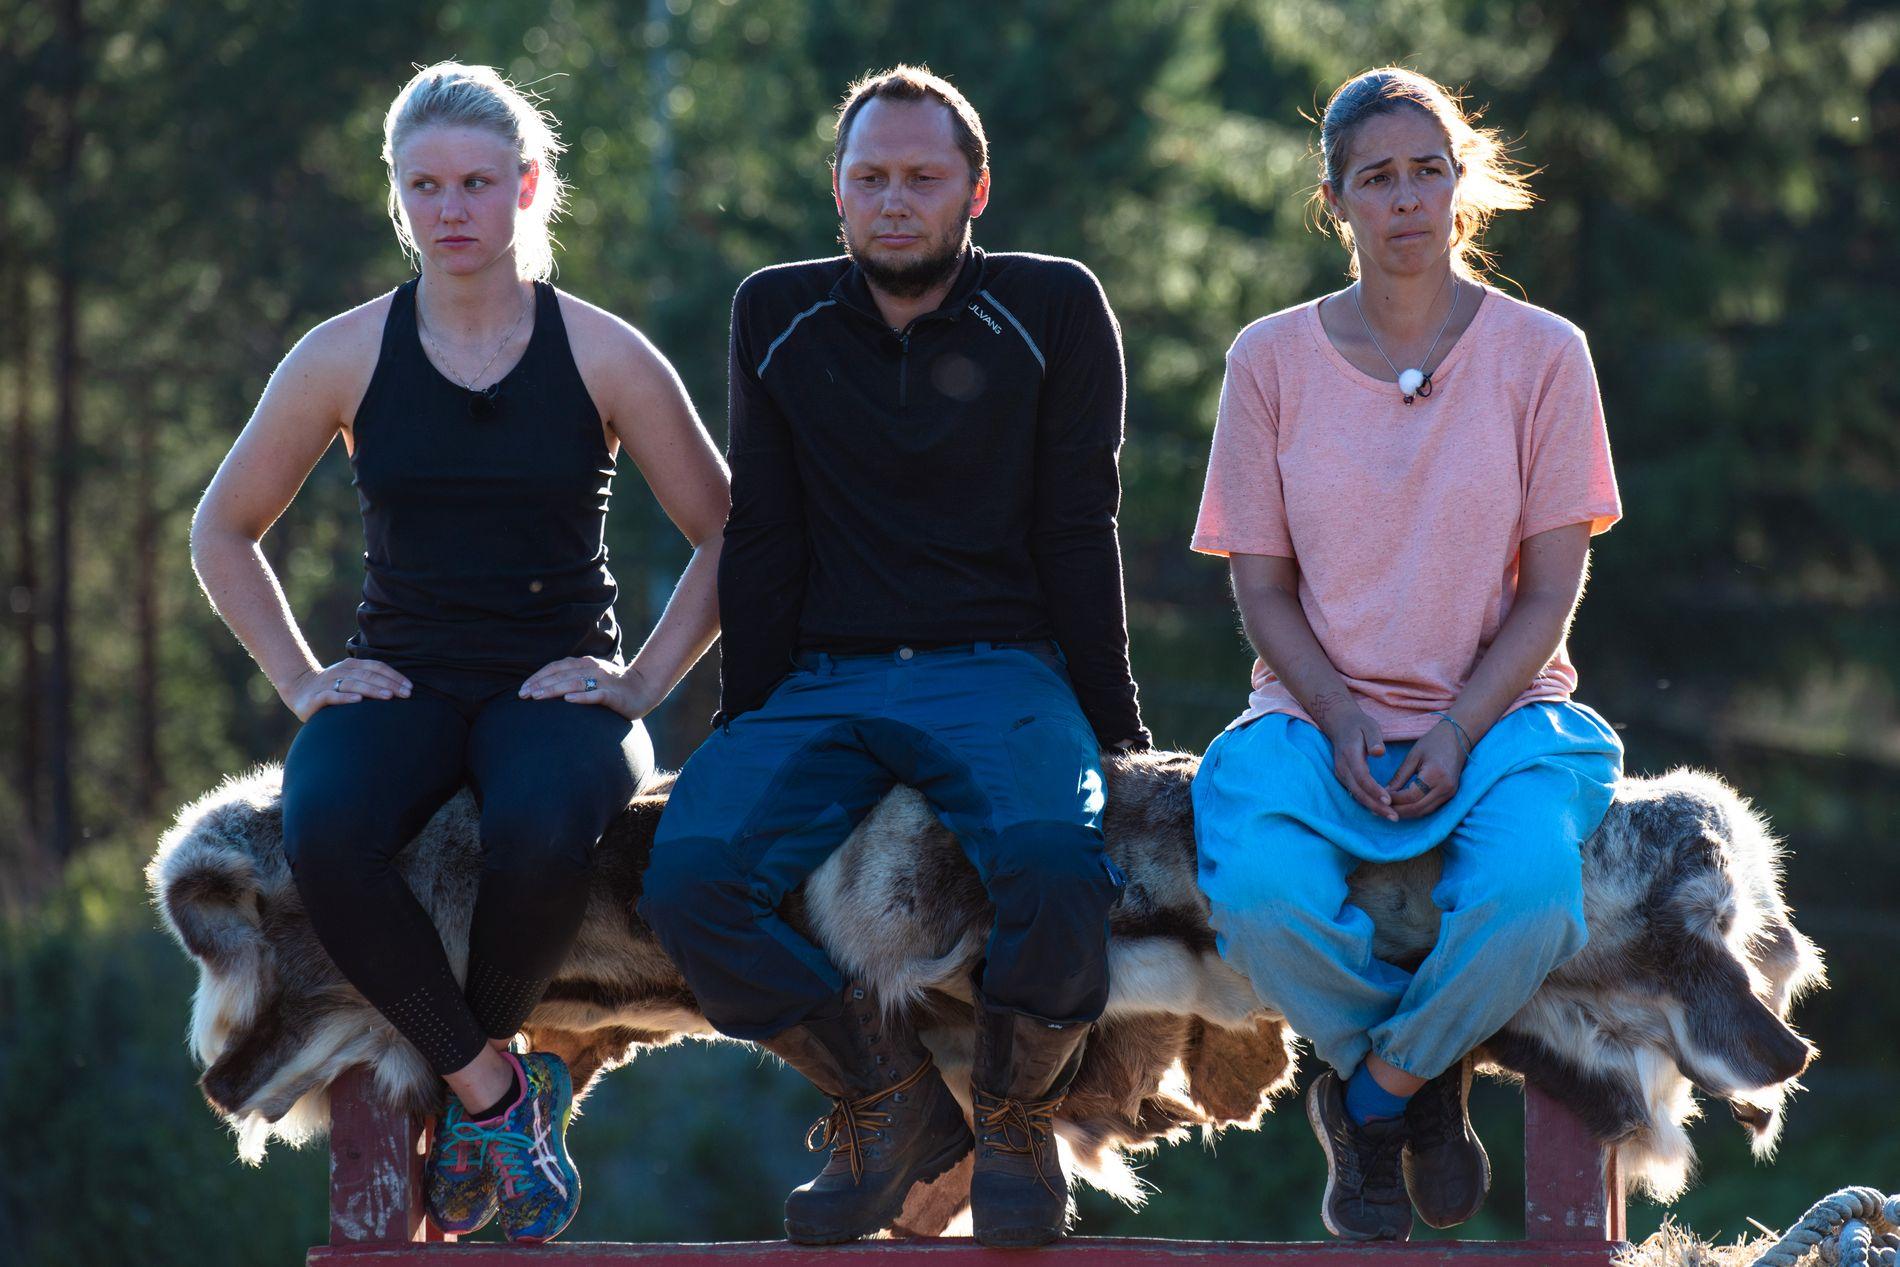 KONSENTRERTE: Tiril Sjåstad Christiansen og Ronald Pulk er fortsatt med i «Farmen kjendis». Det er ikke Mina Hadjian.